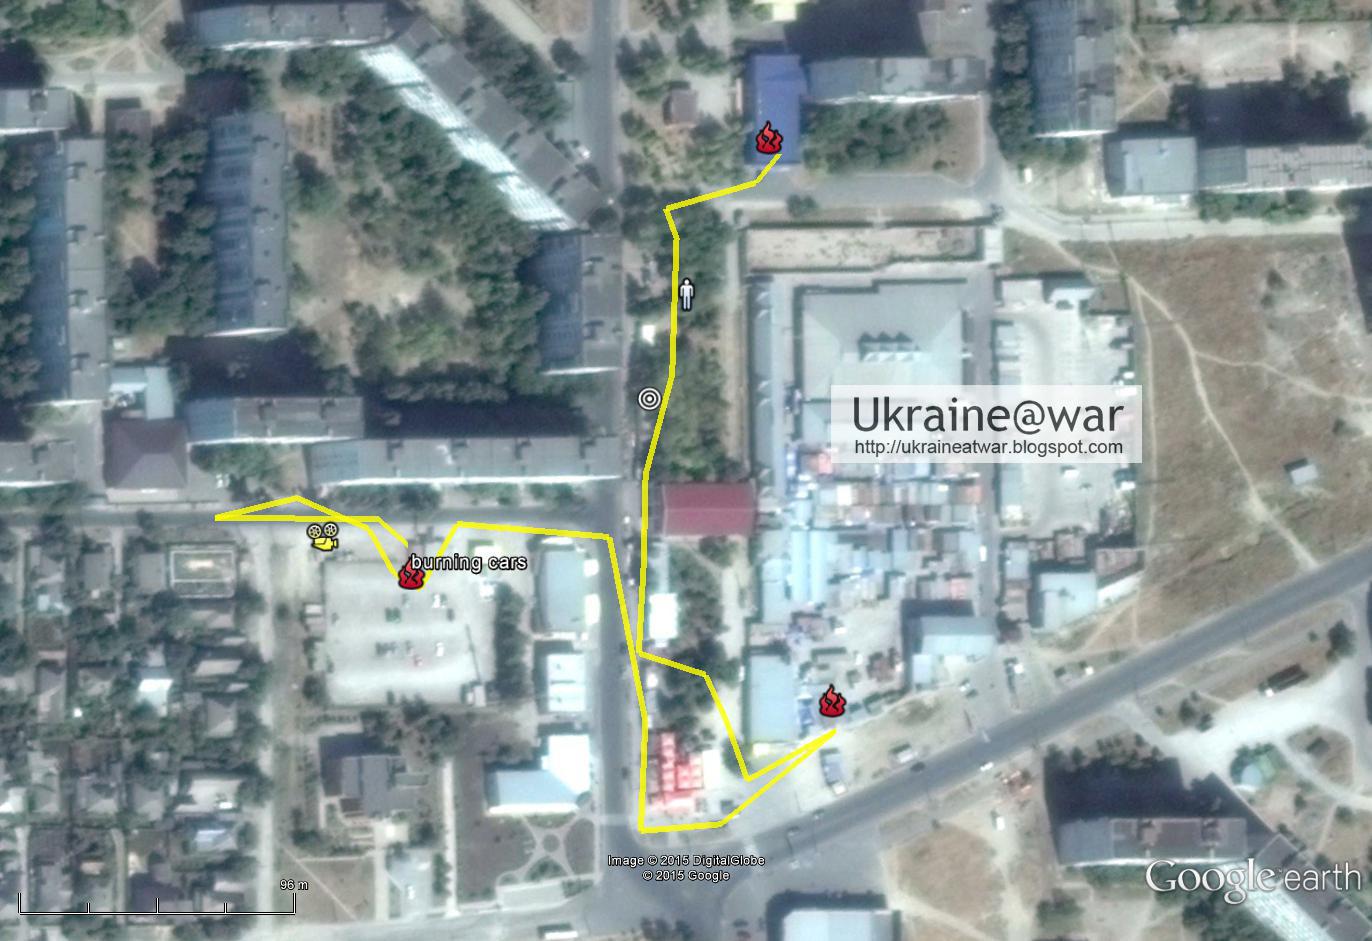 Ukraine@war Dajeypetros